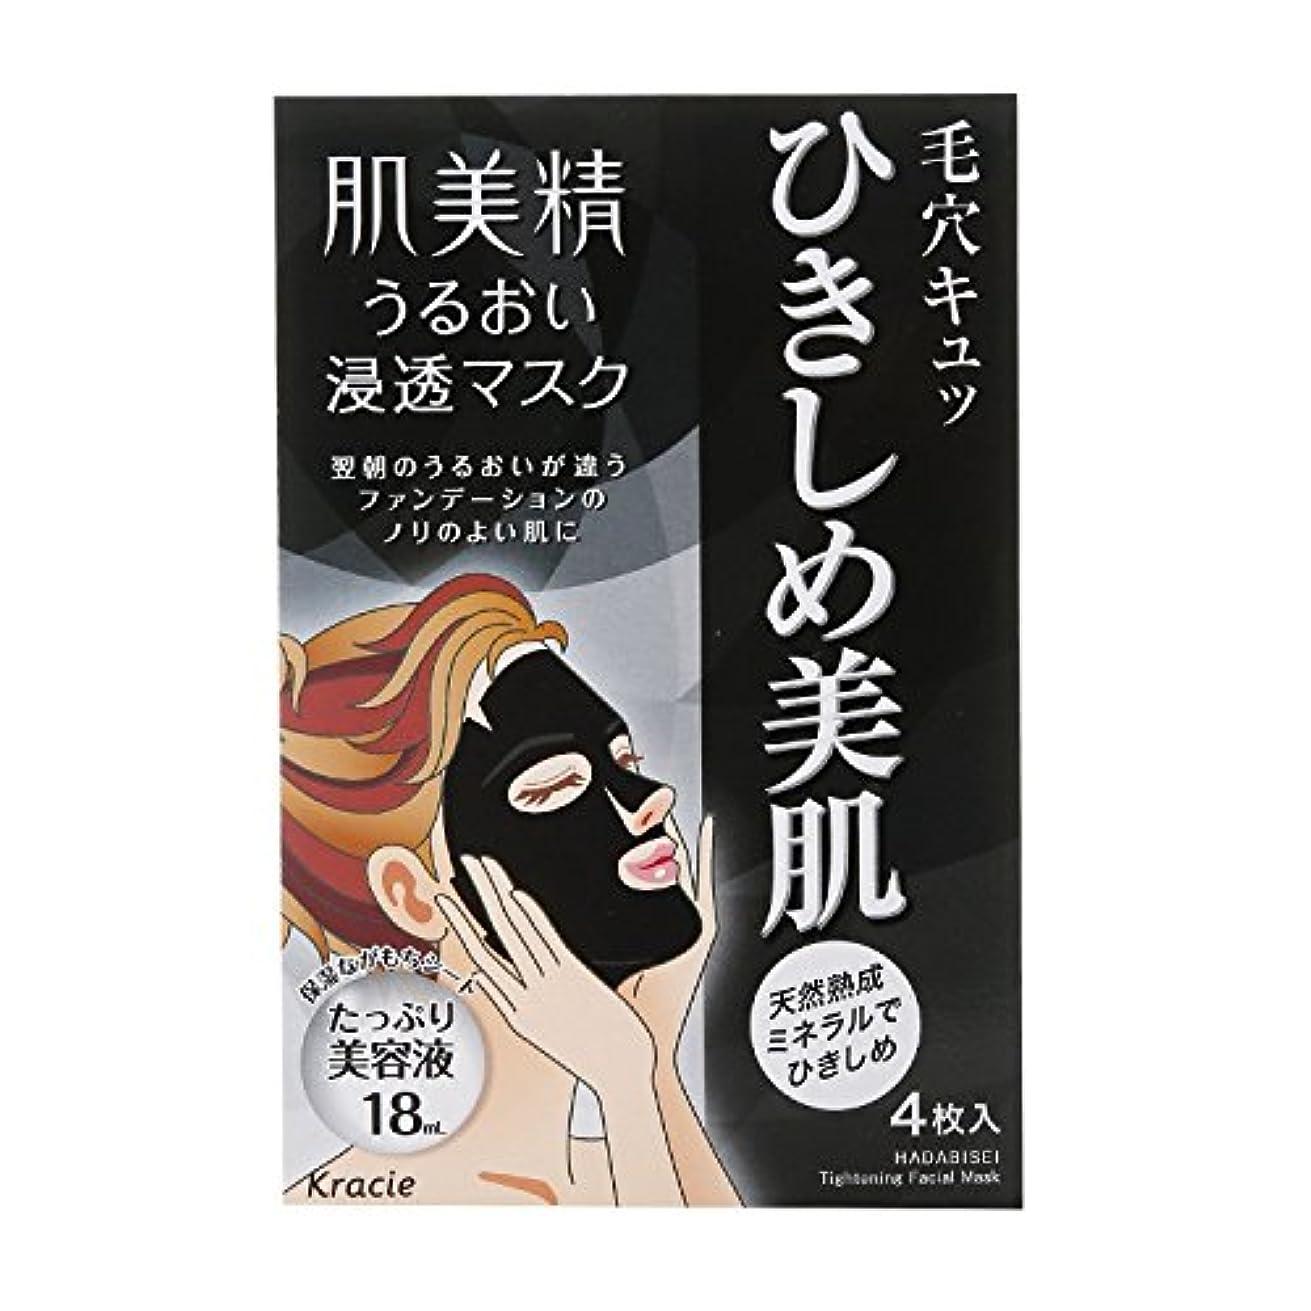 パンサー準備イノセンス肌美精 うるおい浸透マスク (ひきしめ) 4枚 × 2個